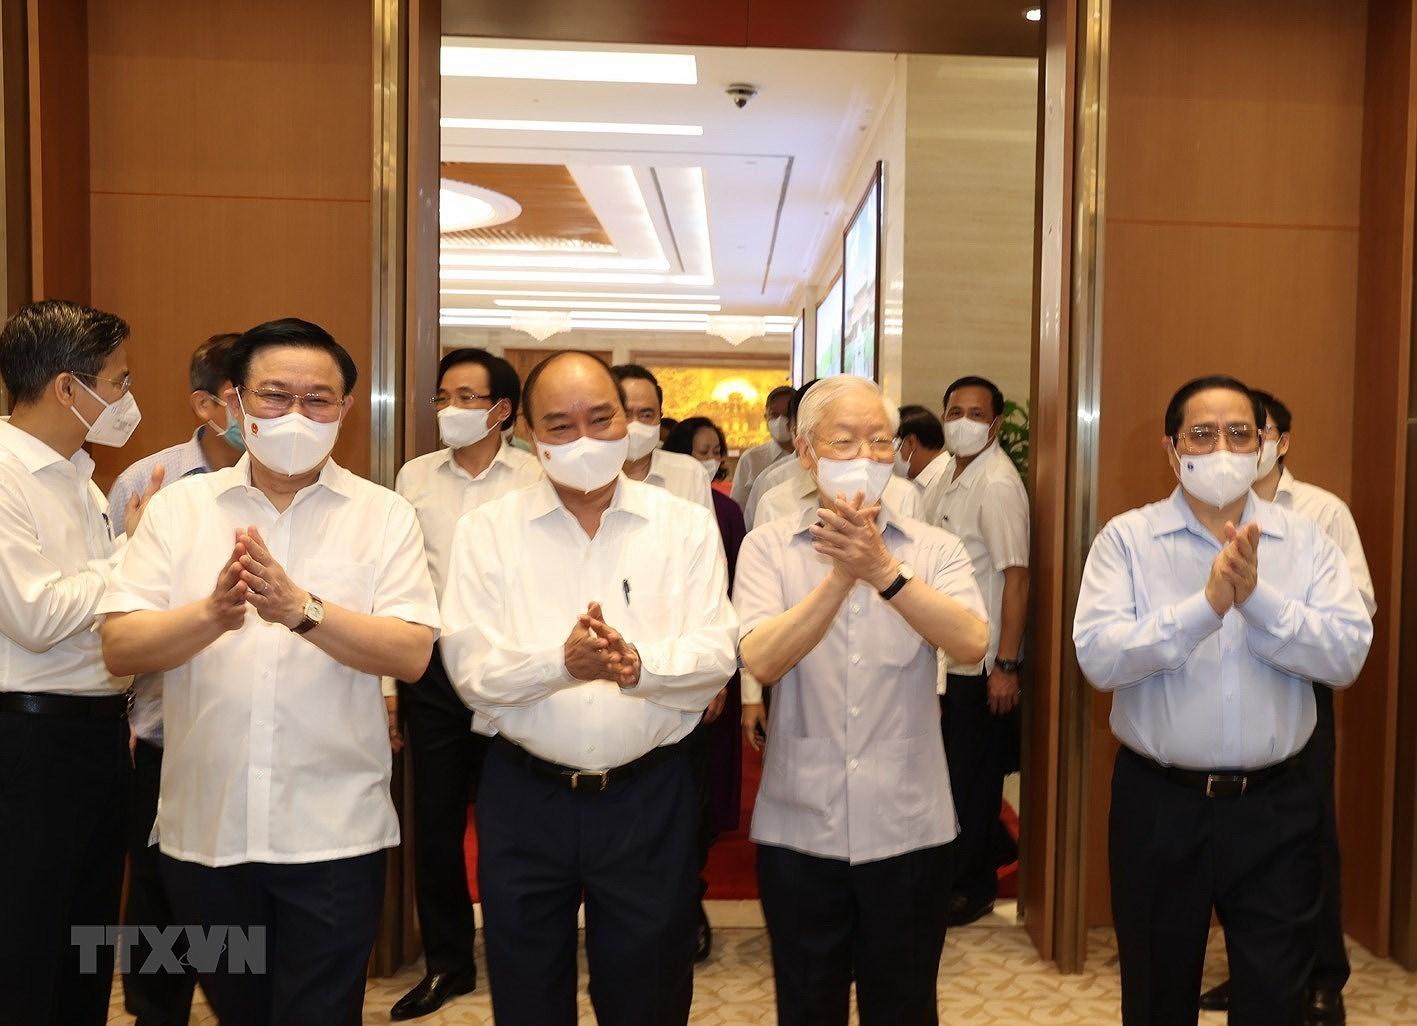 Tong Bi thu du Phien hop dau tien cua Chinh phu nhiem ky 2021-2026 hinh anh 4